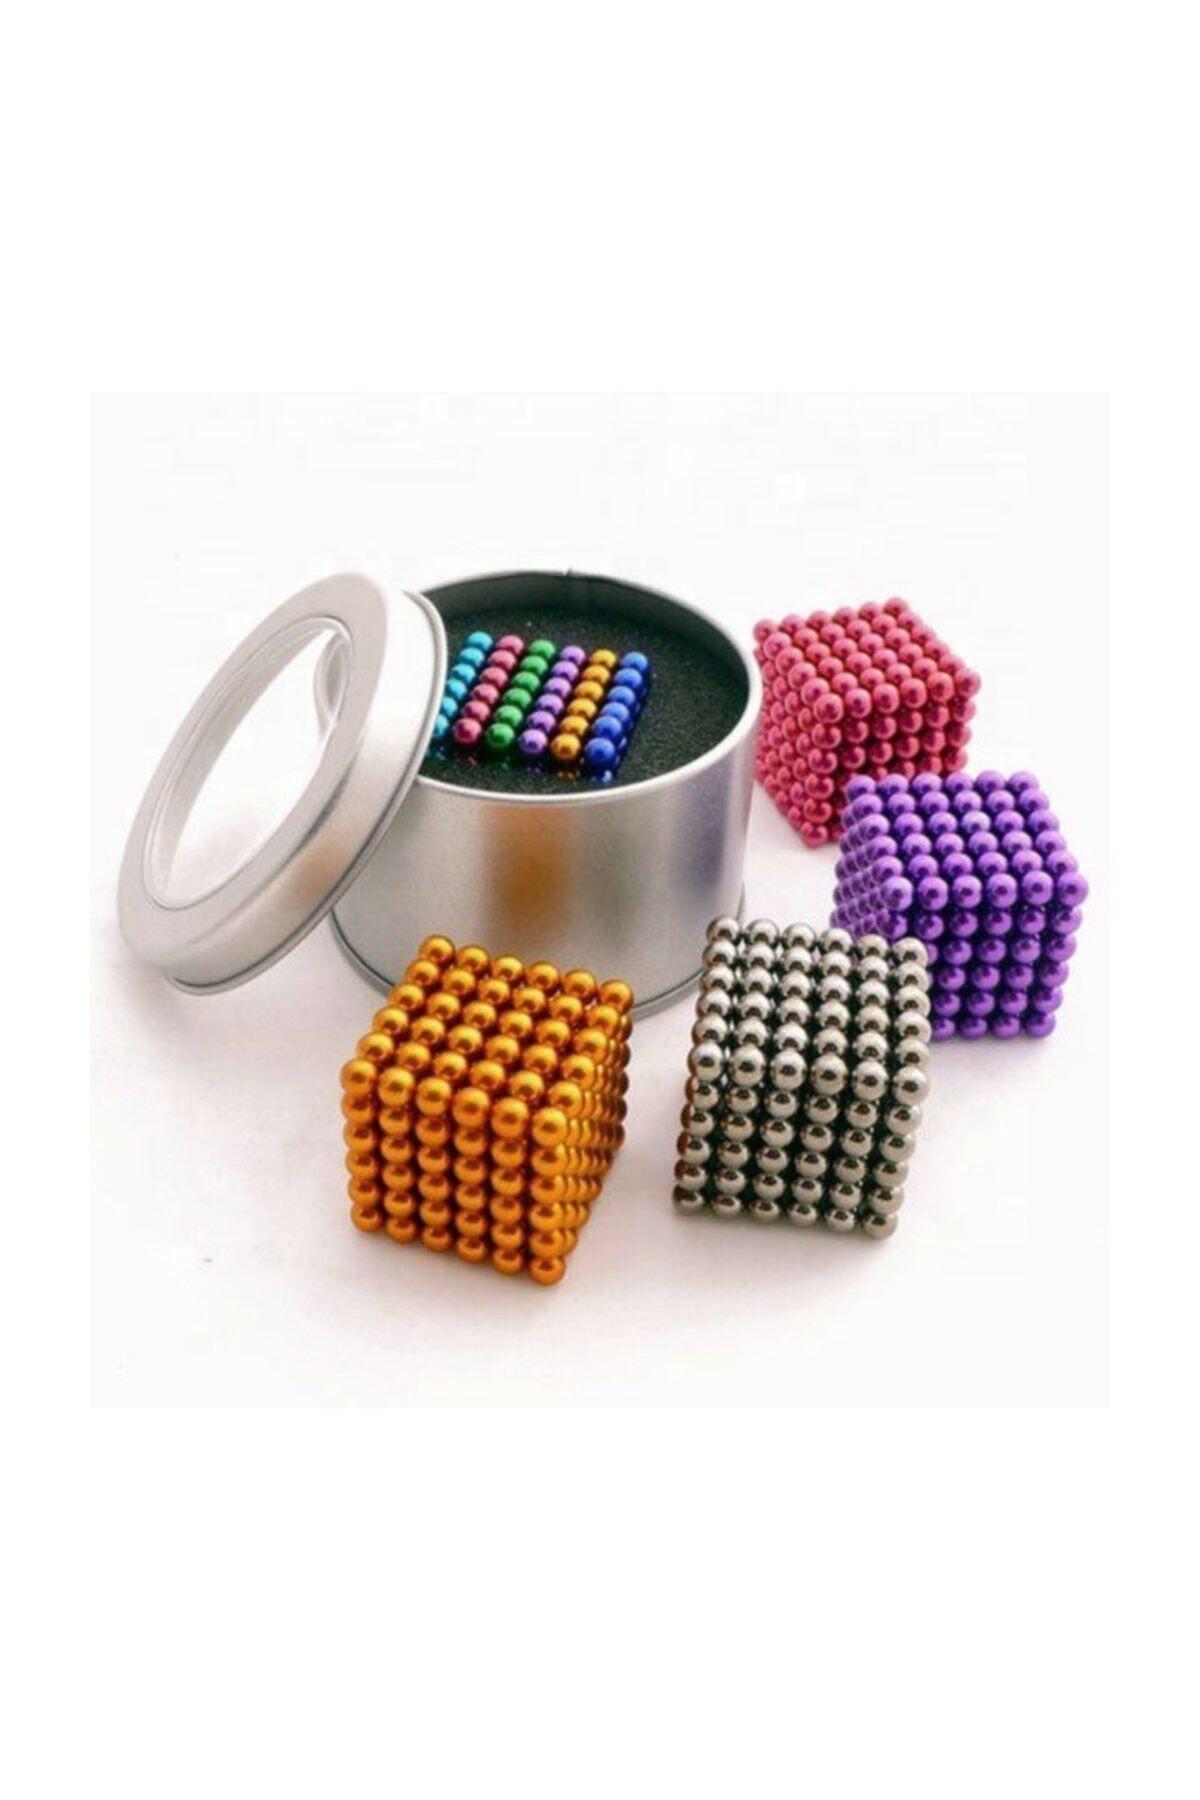 HEPBİMODA 6 Renkli 5mm 216 Adet Neocube Neodyum Mıknatıs Küp Sihirli Manyetik Toplar Mıknatıslı Misket 1